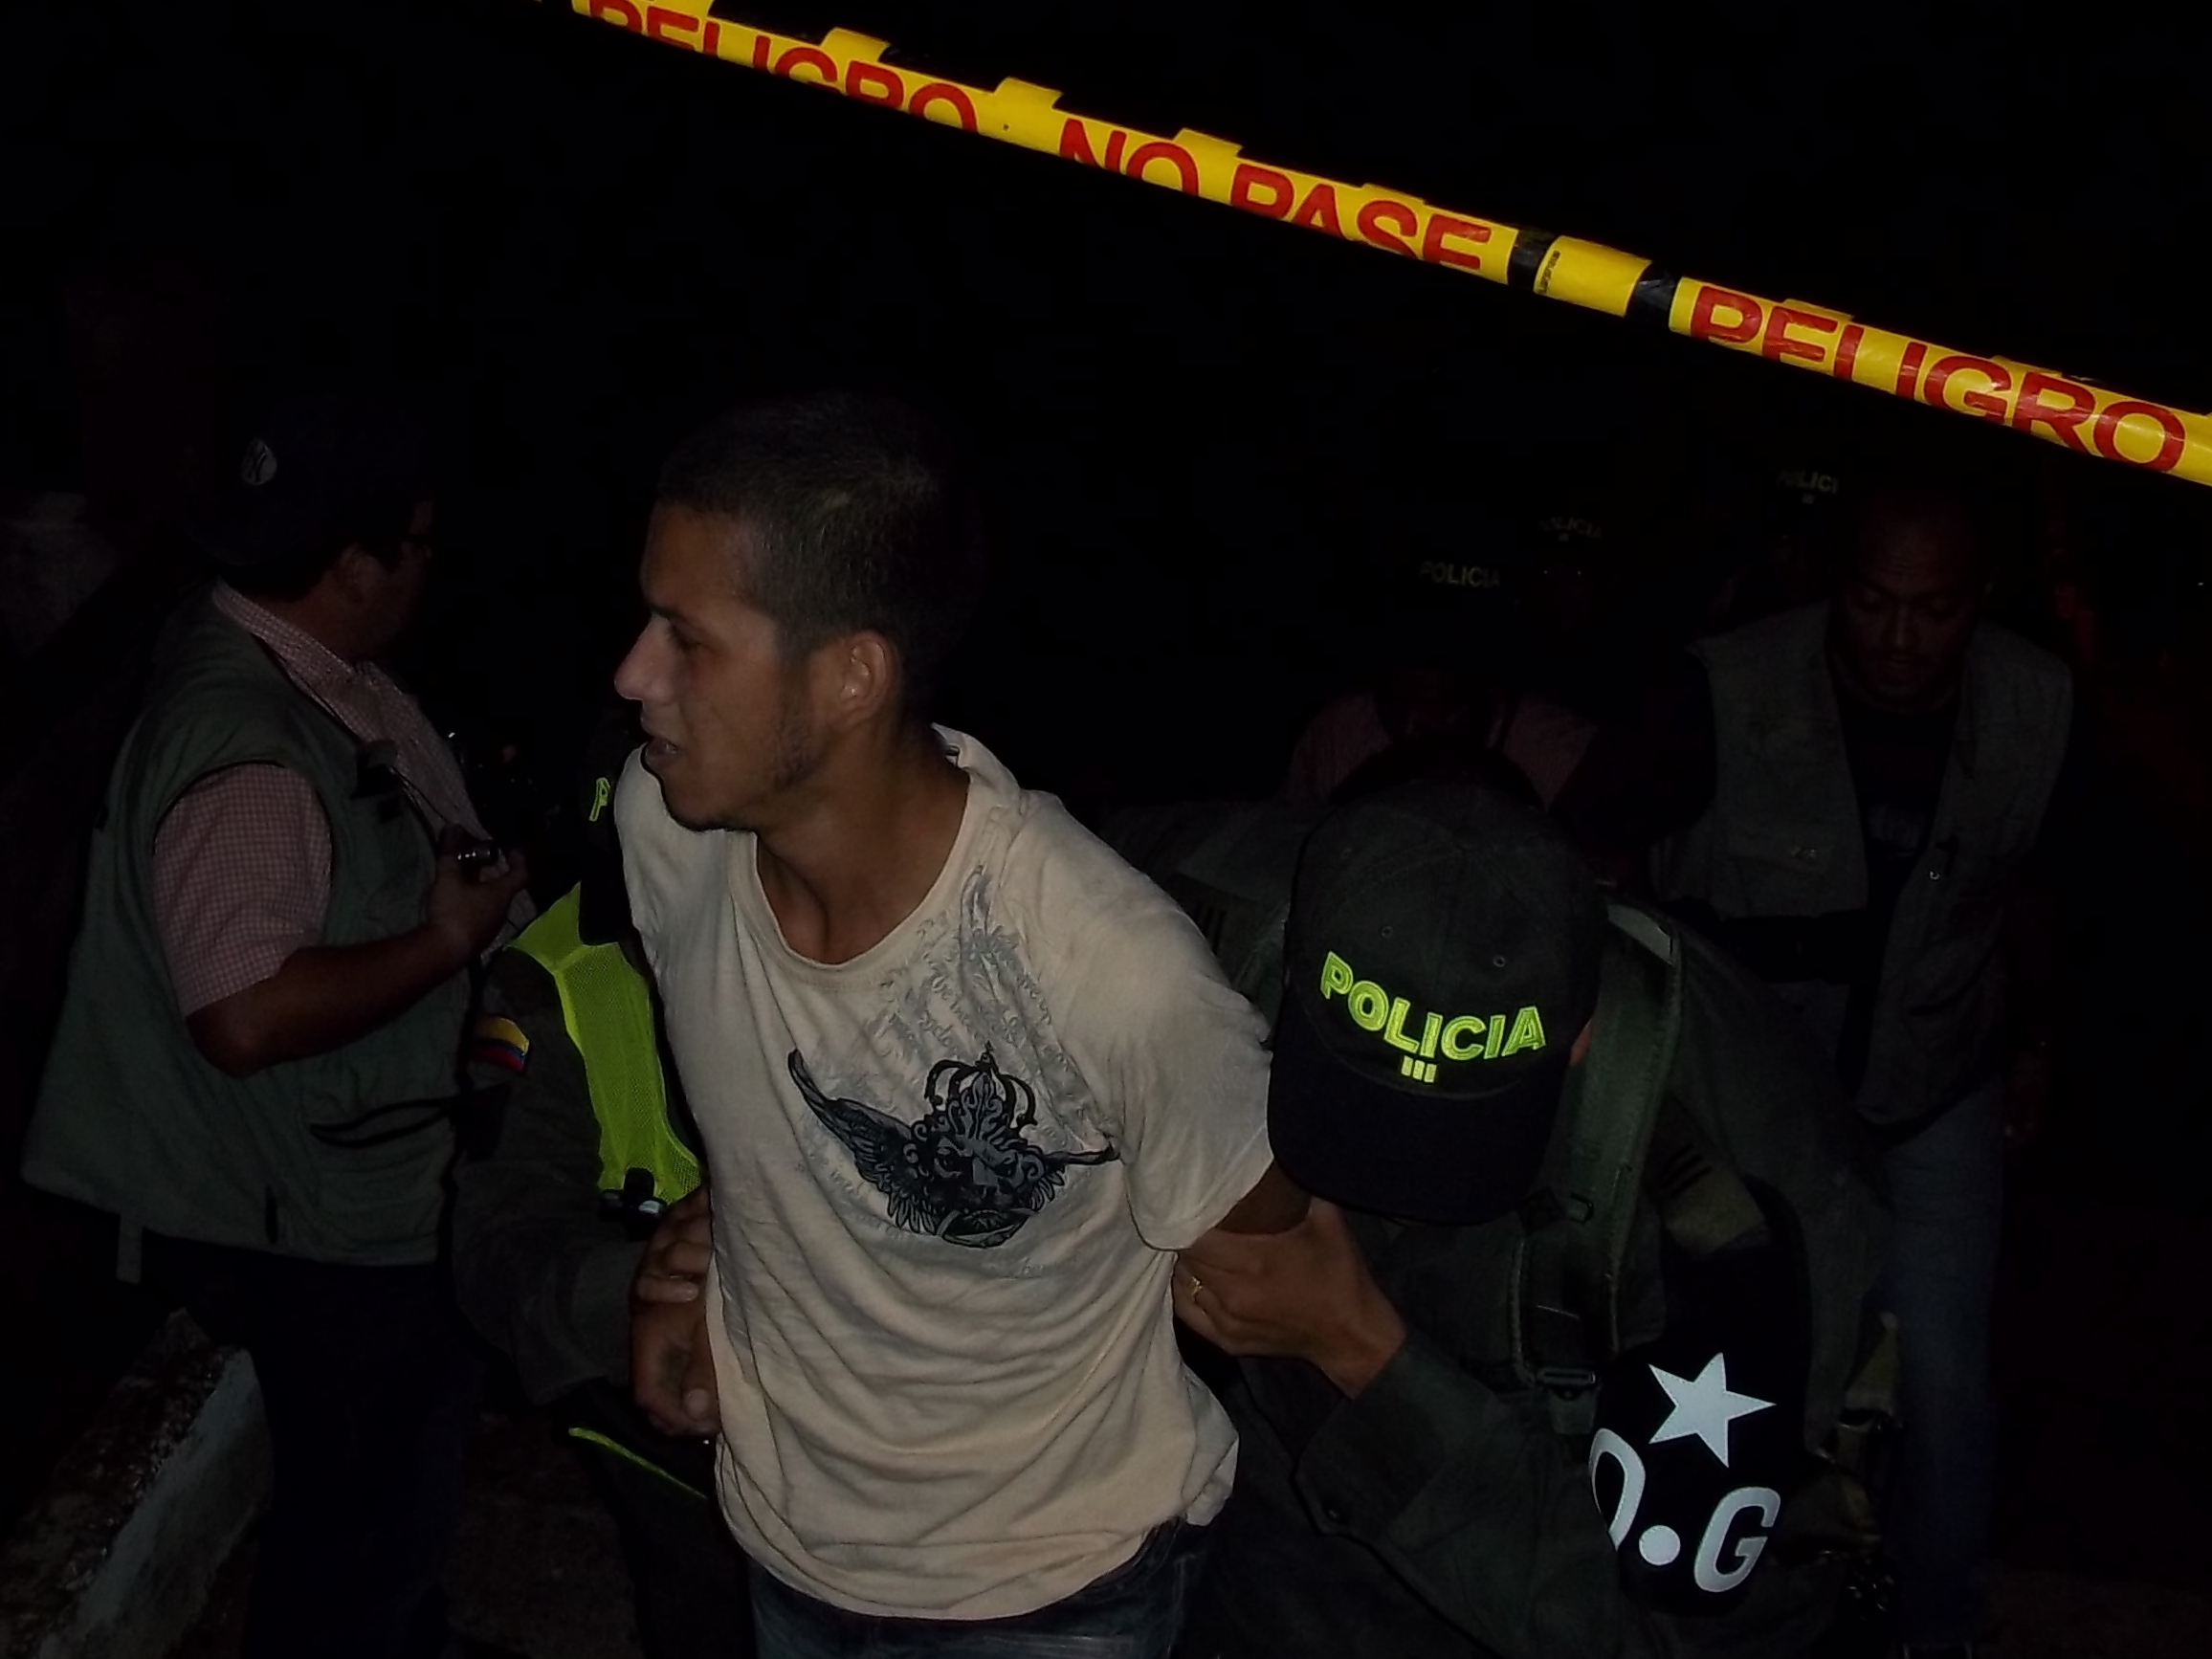 Autoridades lograron neutralizar al hombre que amenazaba con provocar incendio en Cúcuta